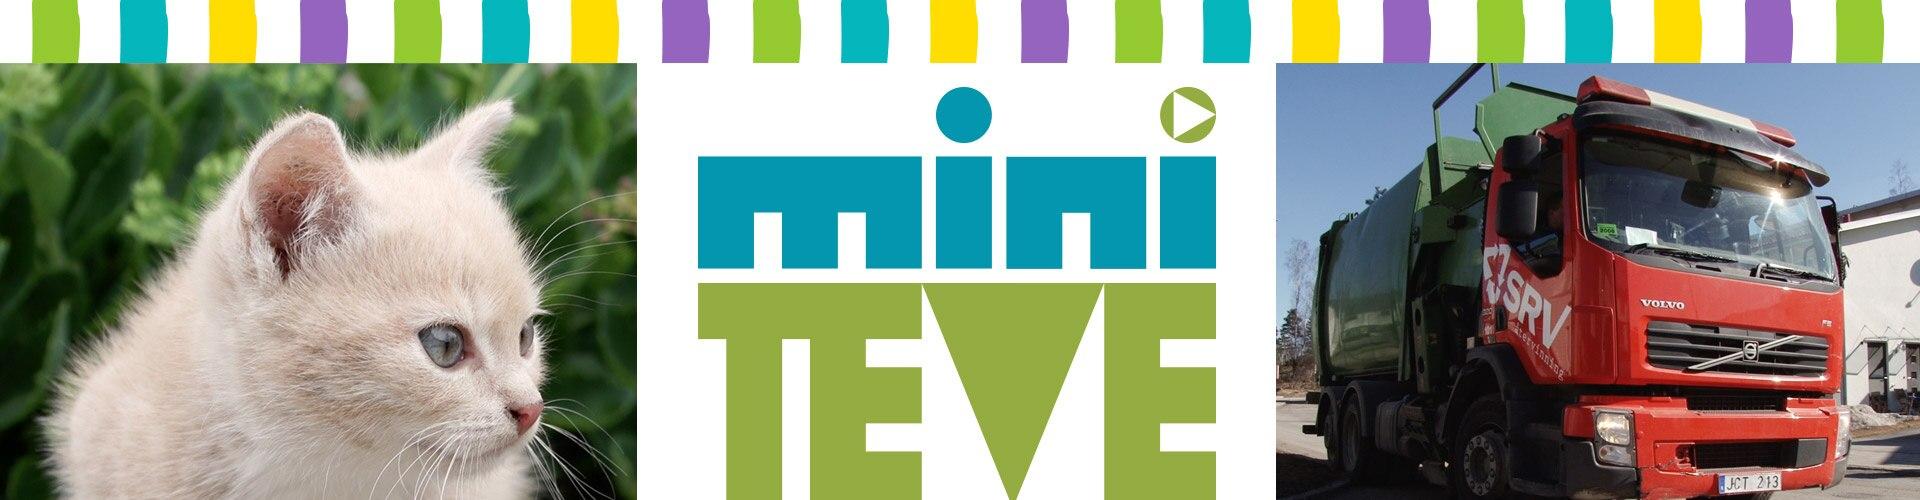 Watch Miniteve Online